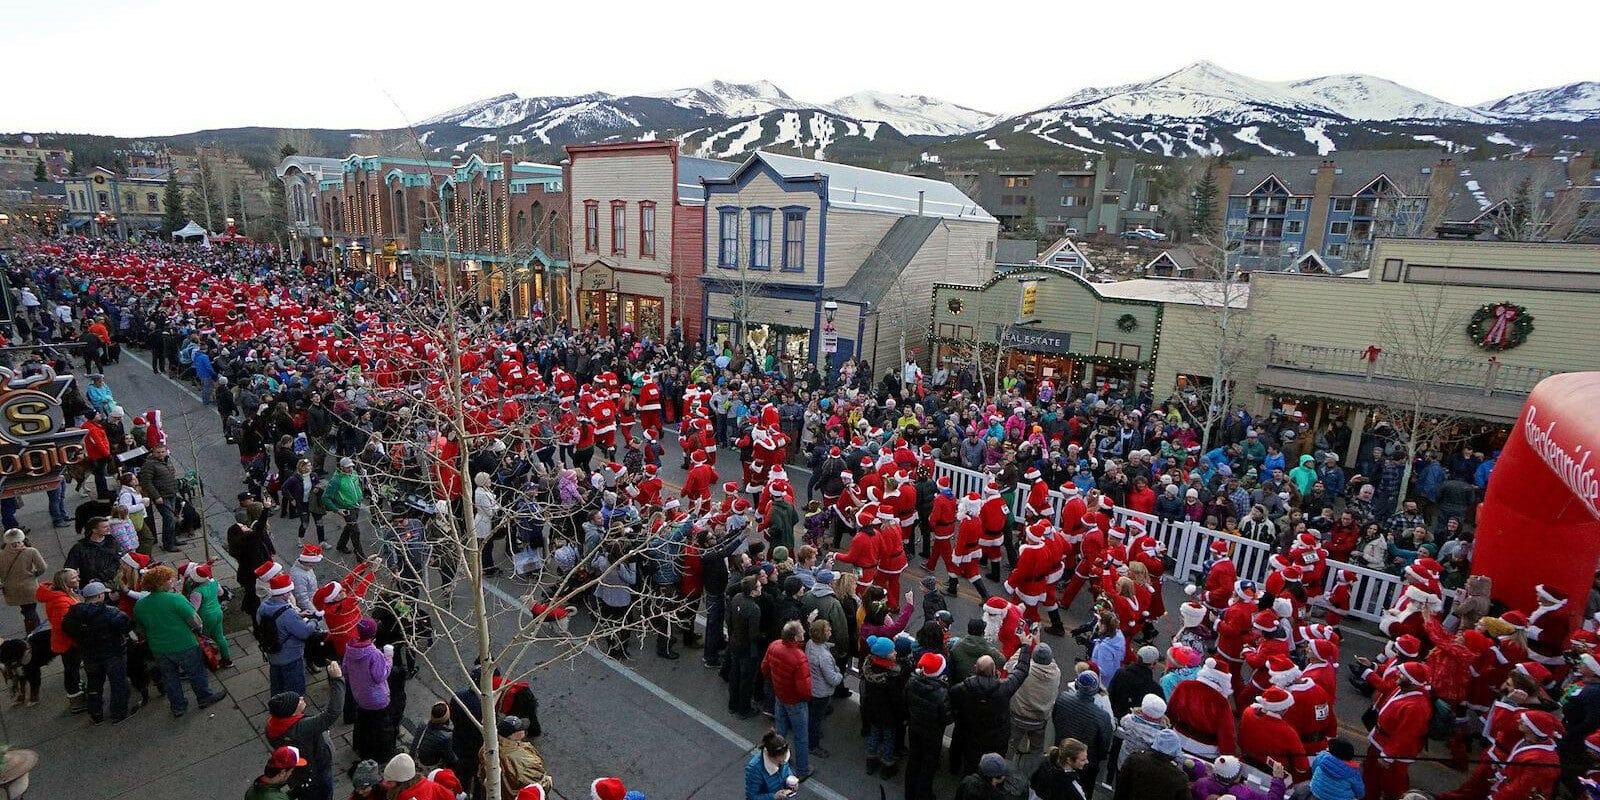 Image of the Santa Race in Breckenridge, Colorado